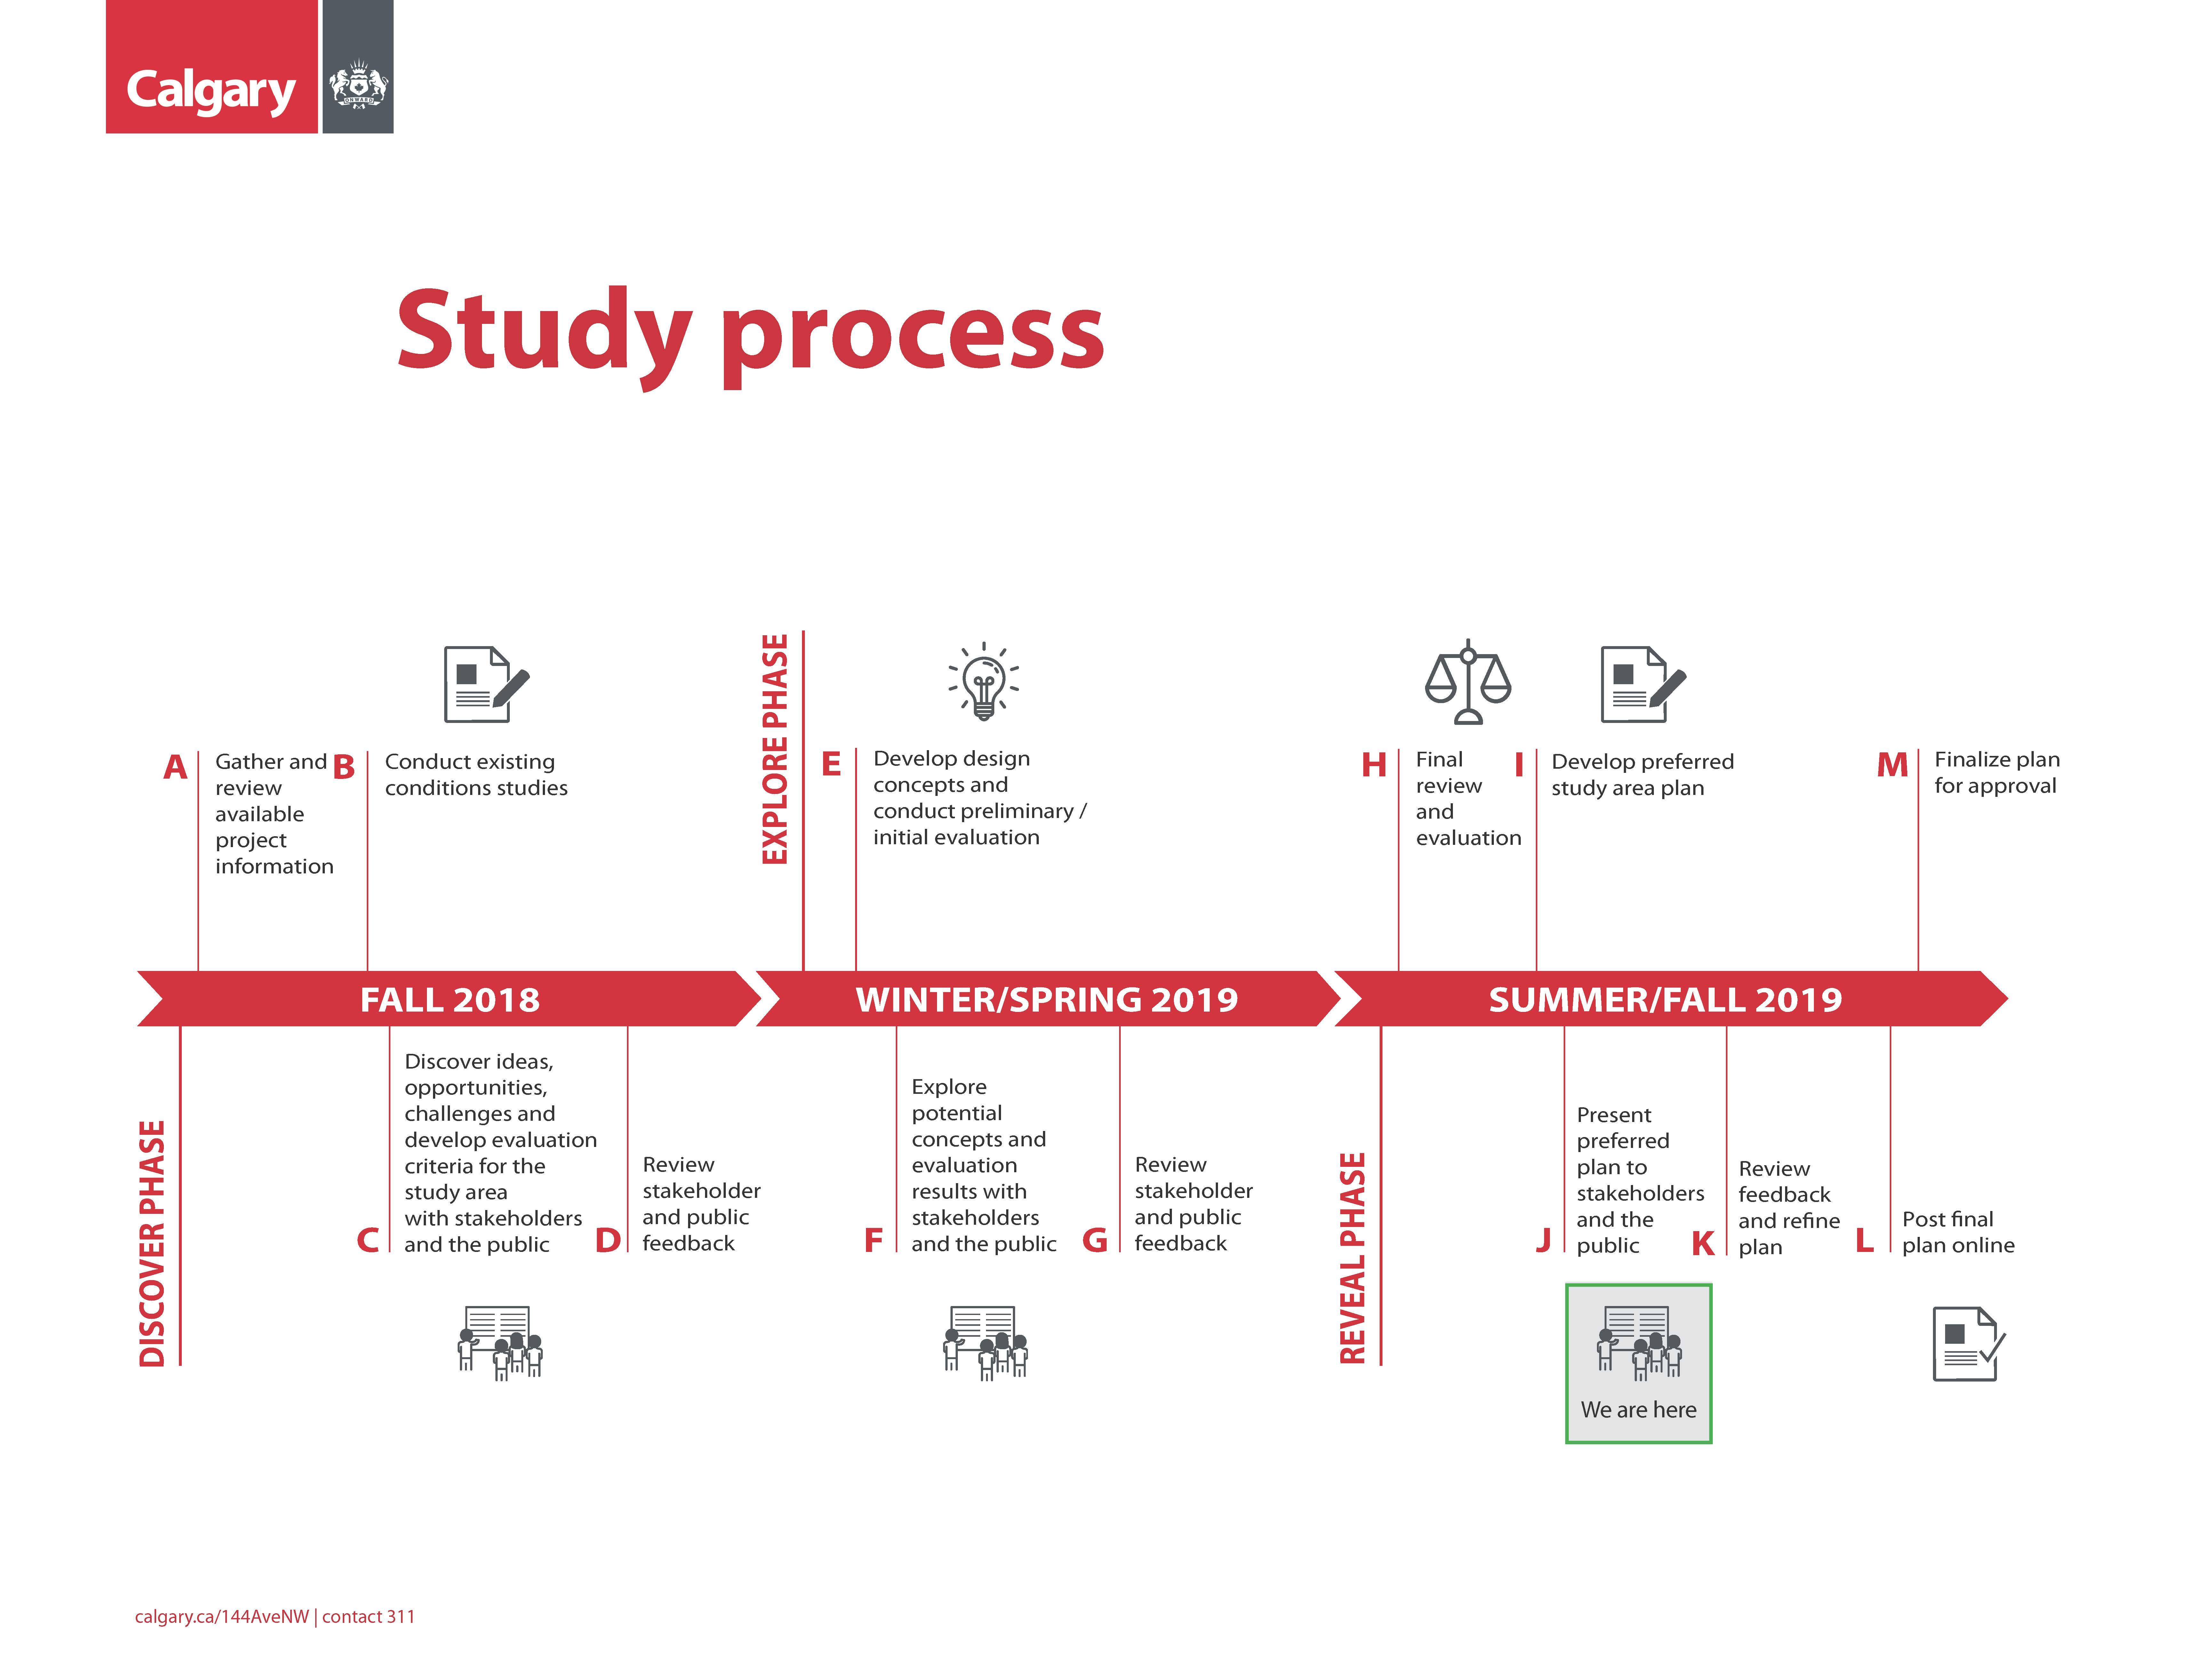 Study Process Timeline